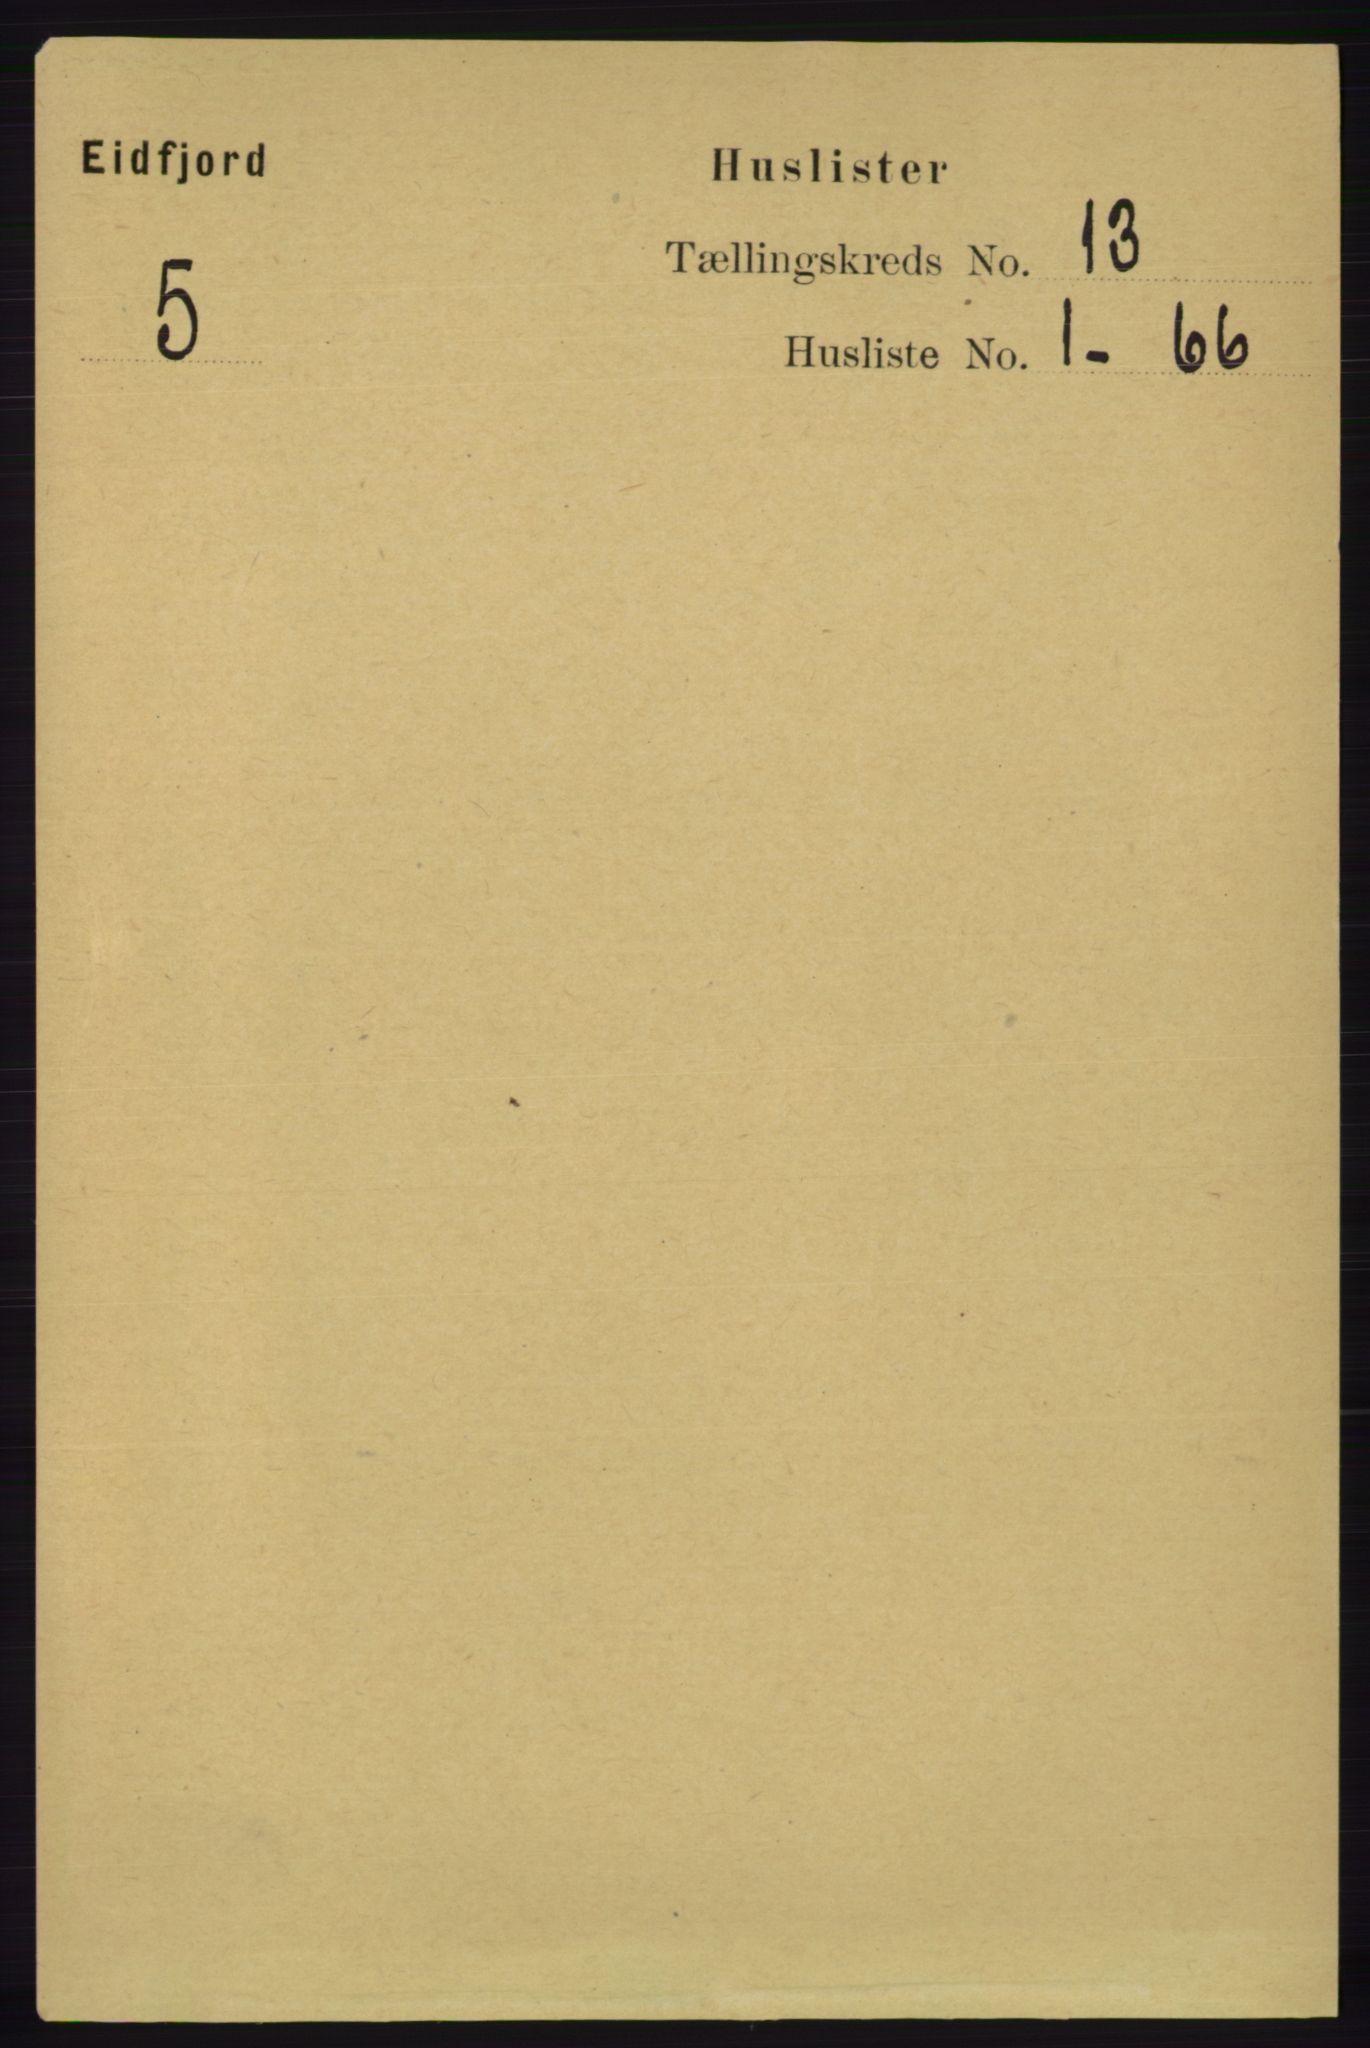 RA, Folketelling 1891 for 1233 Ulvik herred, 1891, s. 3827